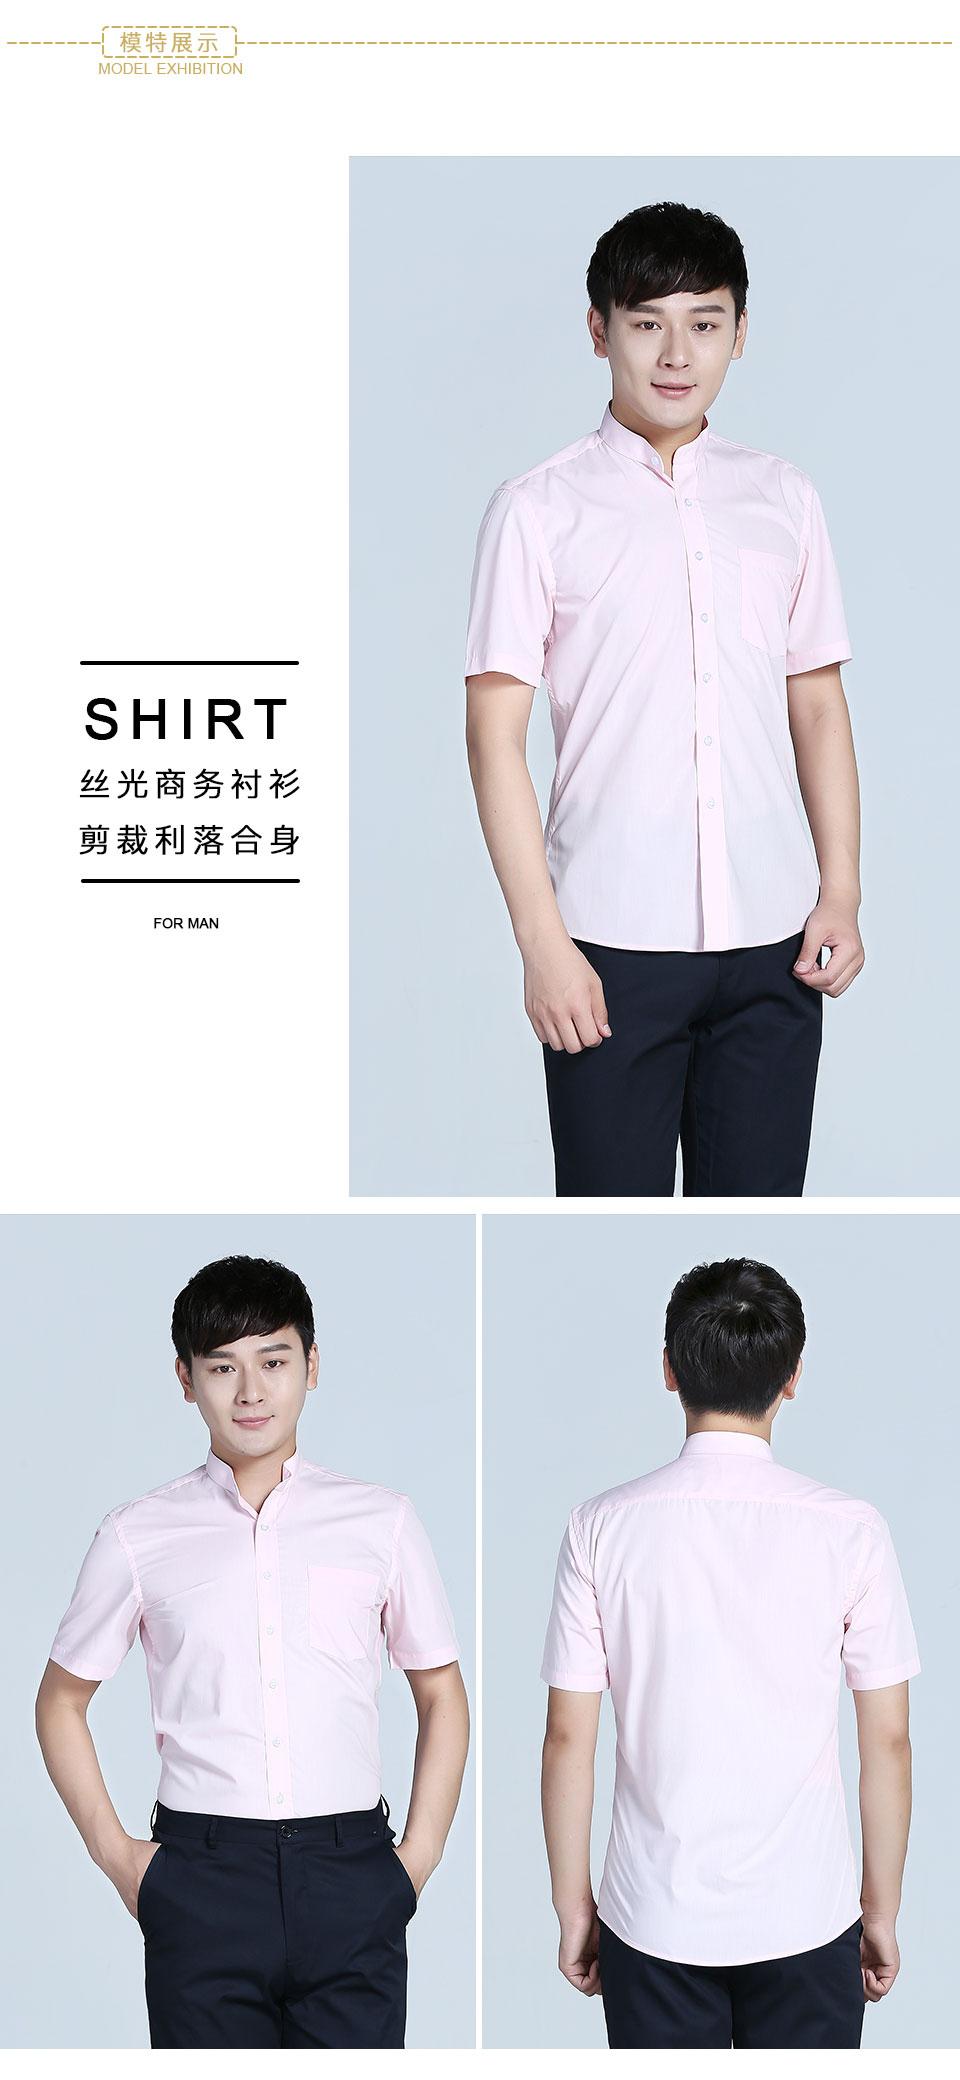 2019新款男粉色立领商务短袖衬衫